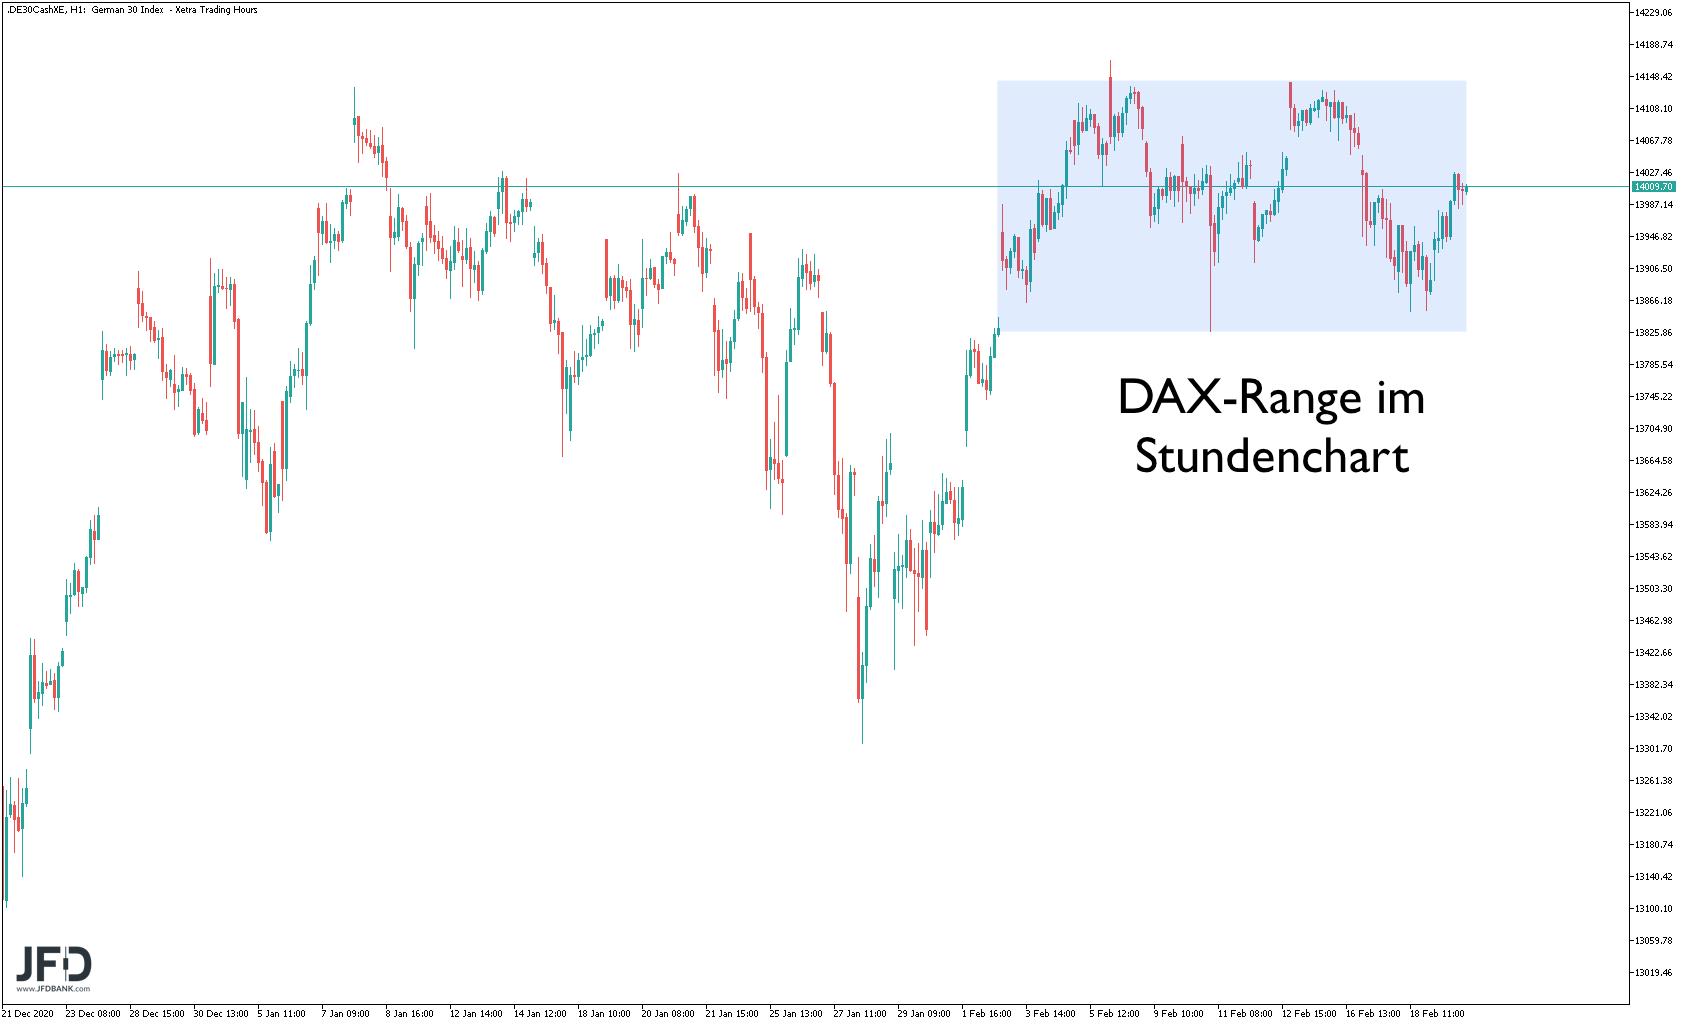 DAX-Range im Stundenchart skizziert